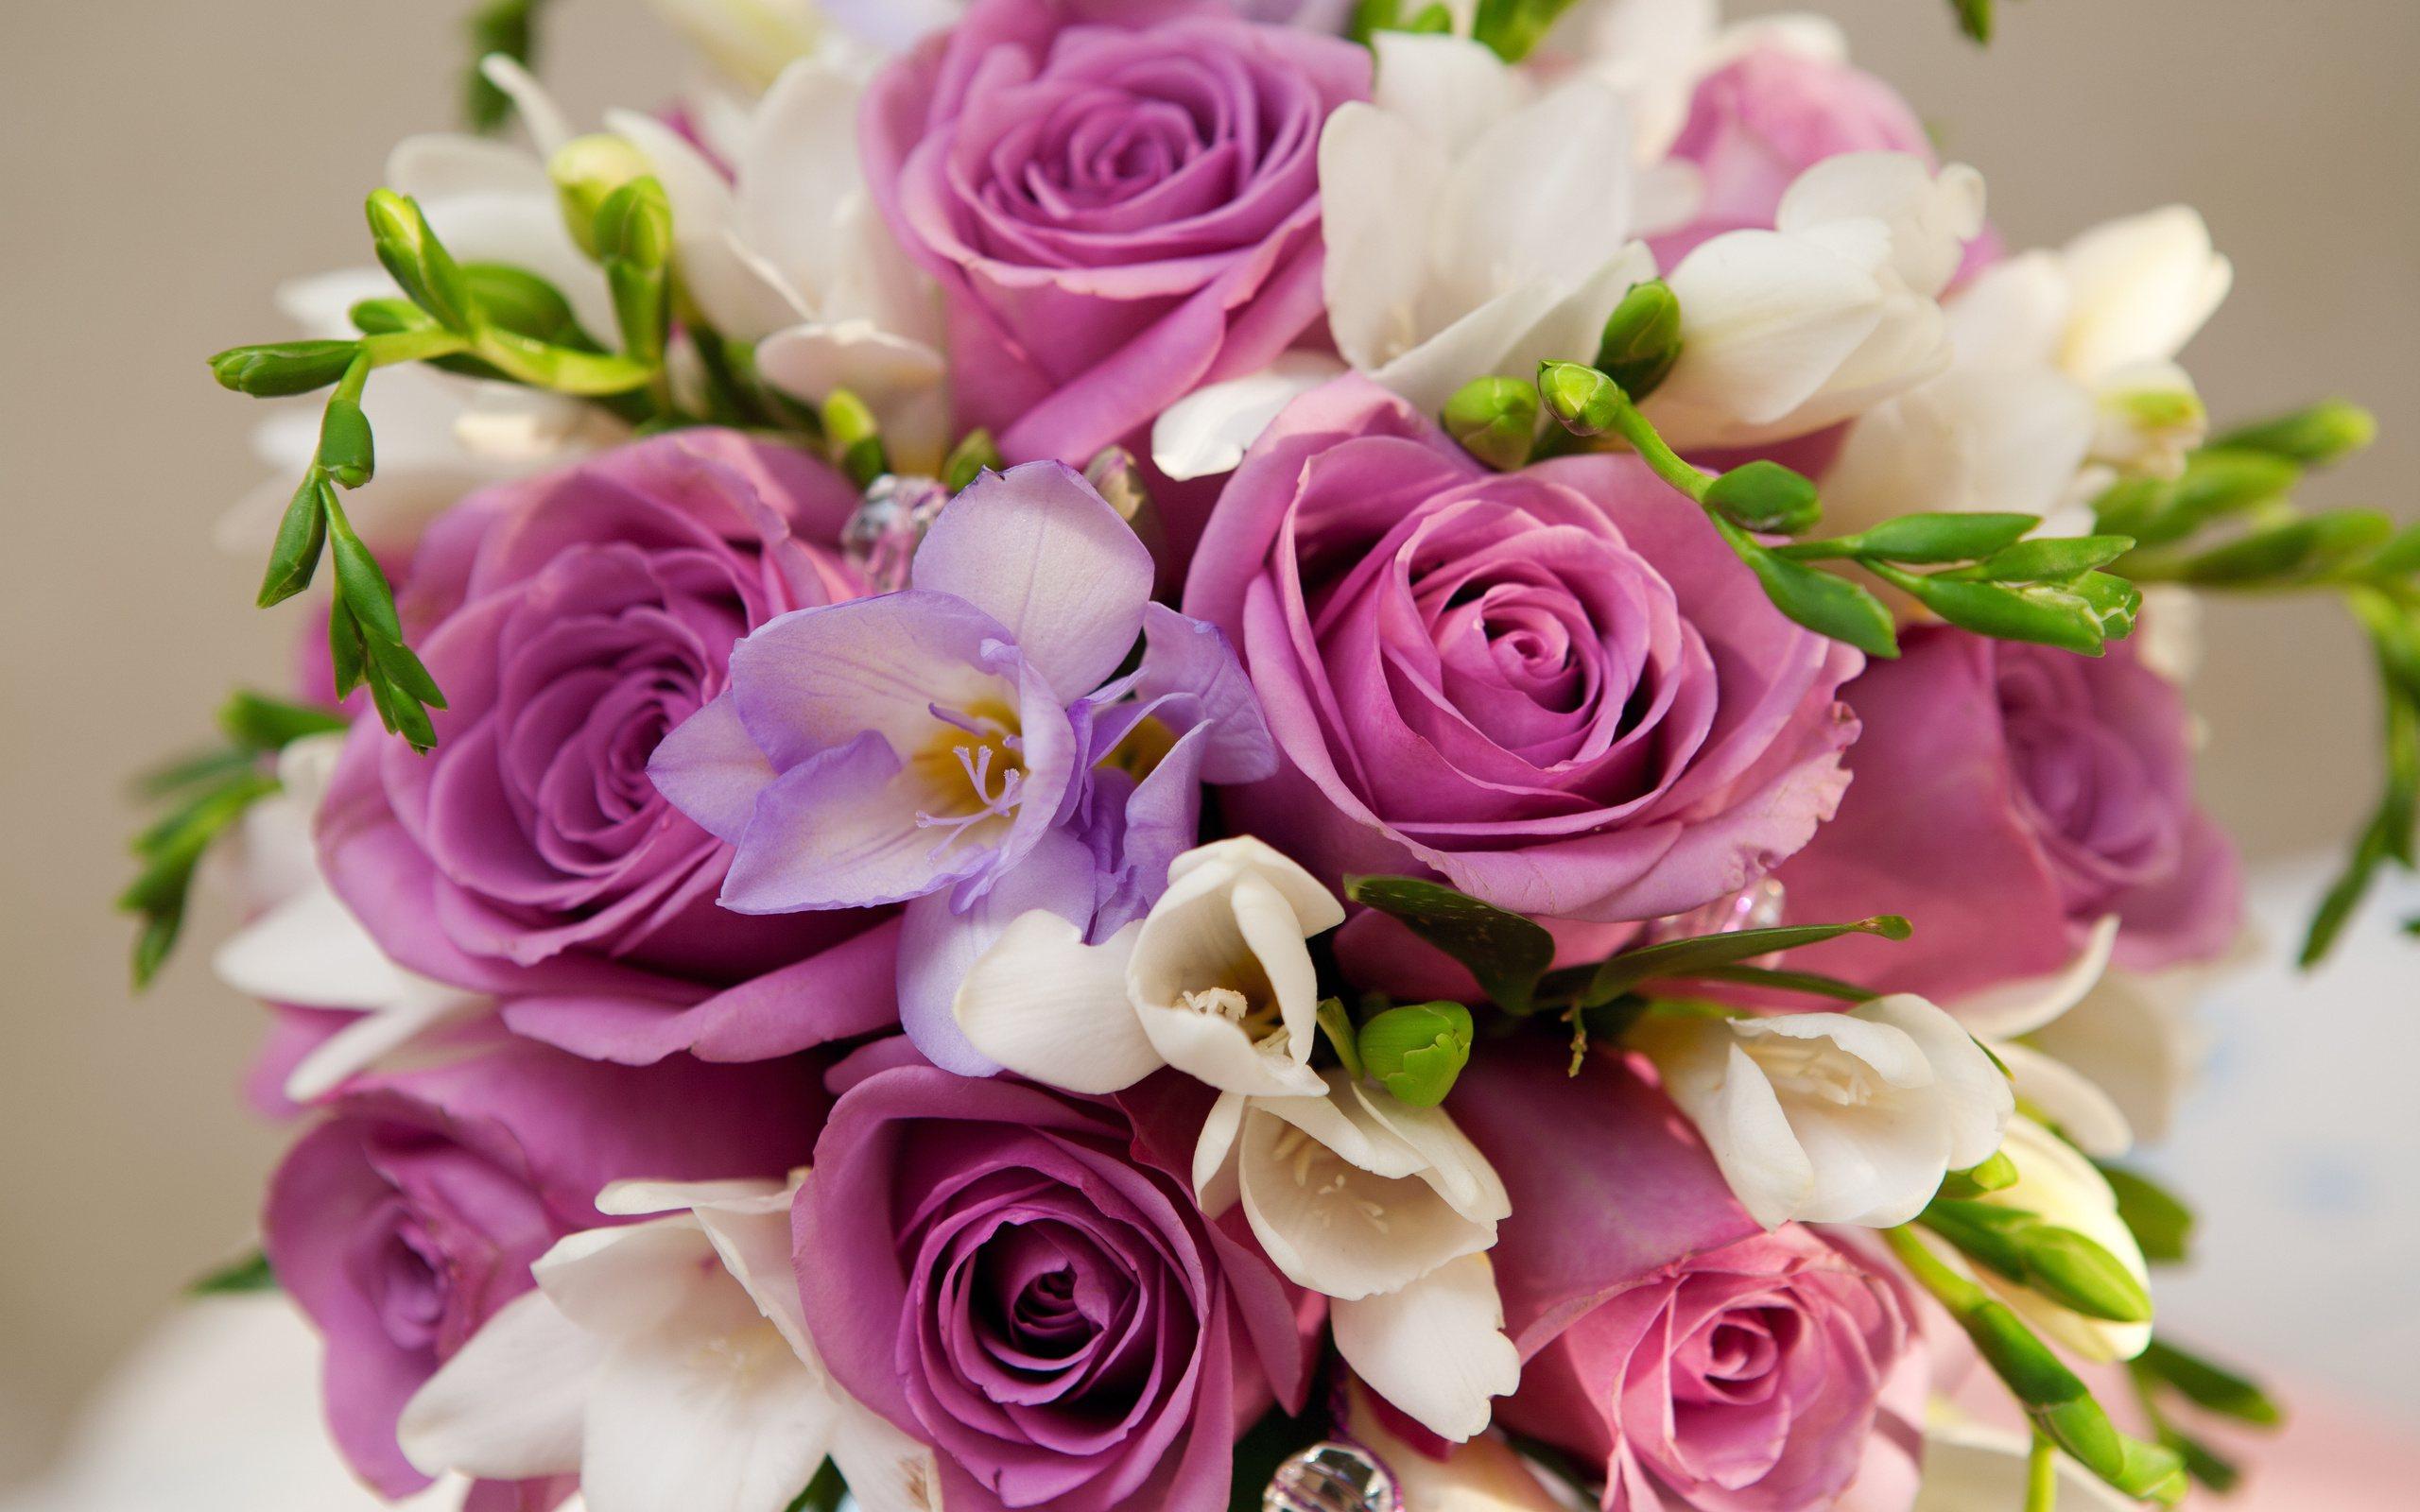 صور اجمل بوكيه ورد فى الدنيا , صور الورد روعة